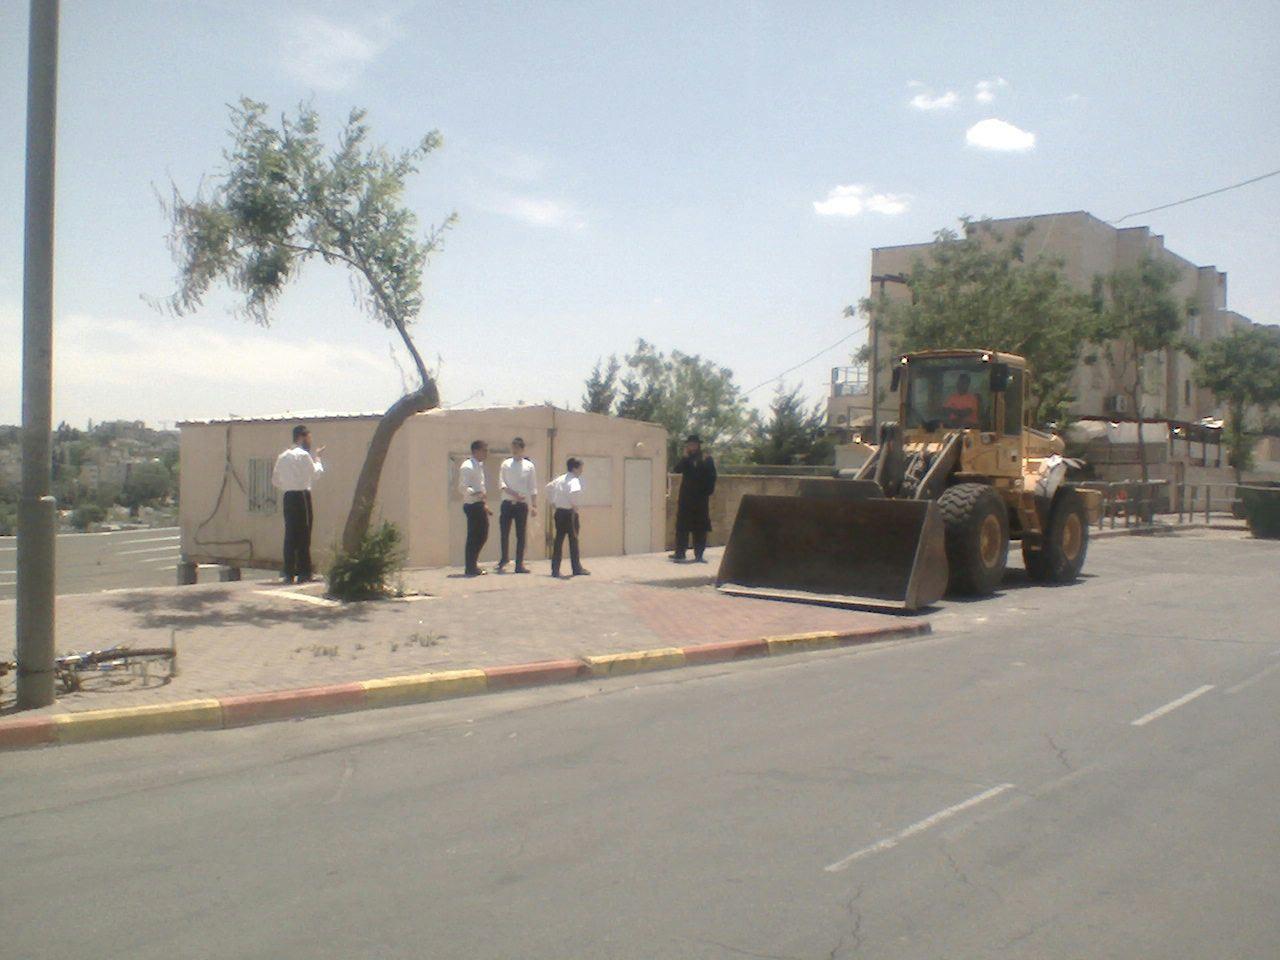 תיעוד: הטרקטורים באו להרוס את בית הכנסת